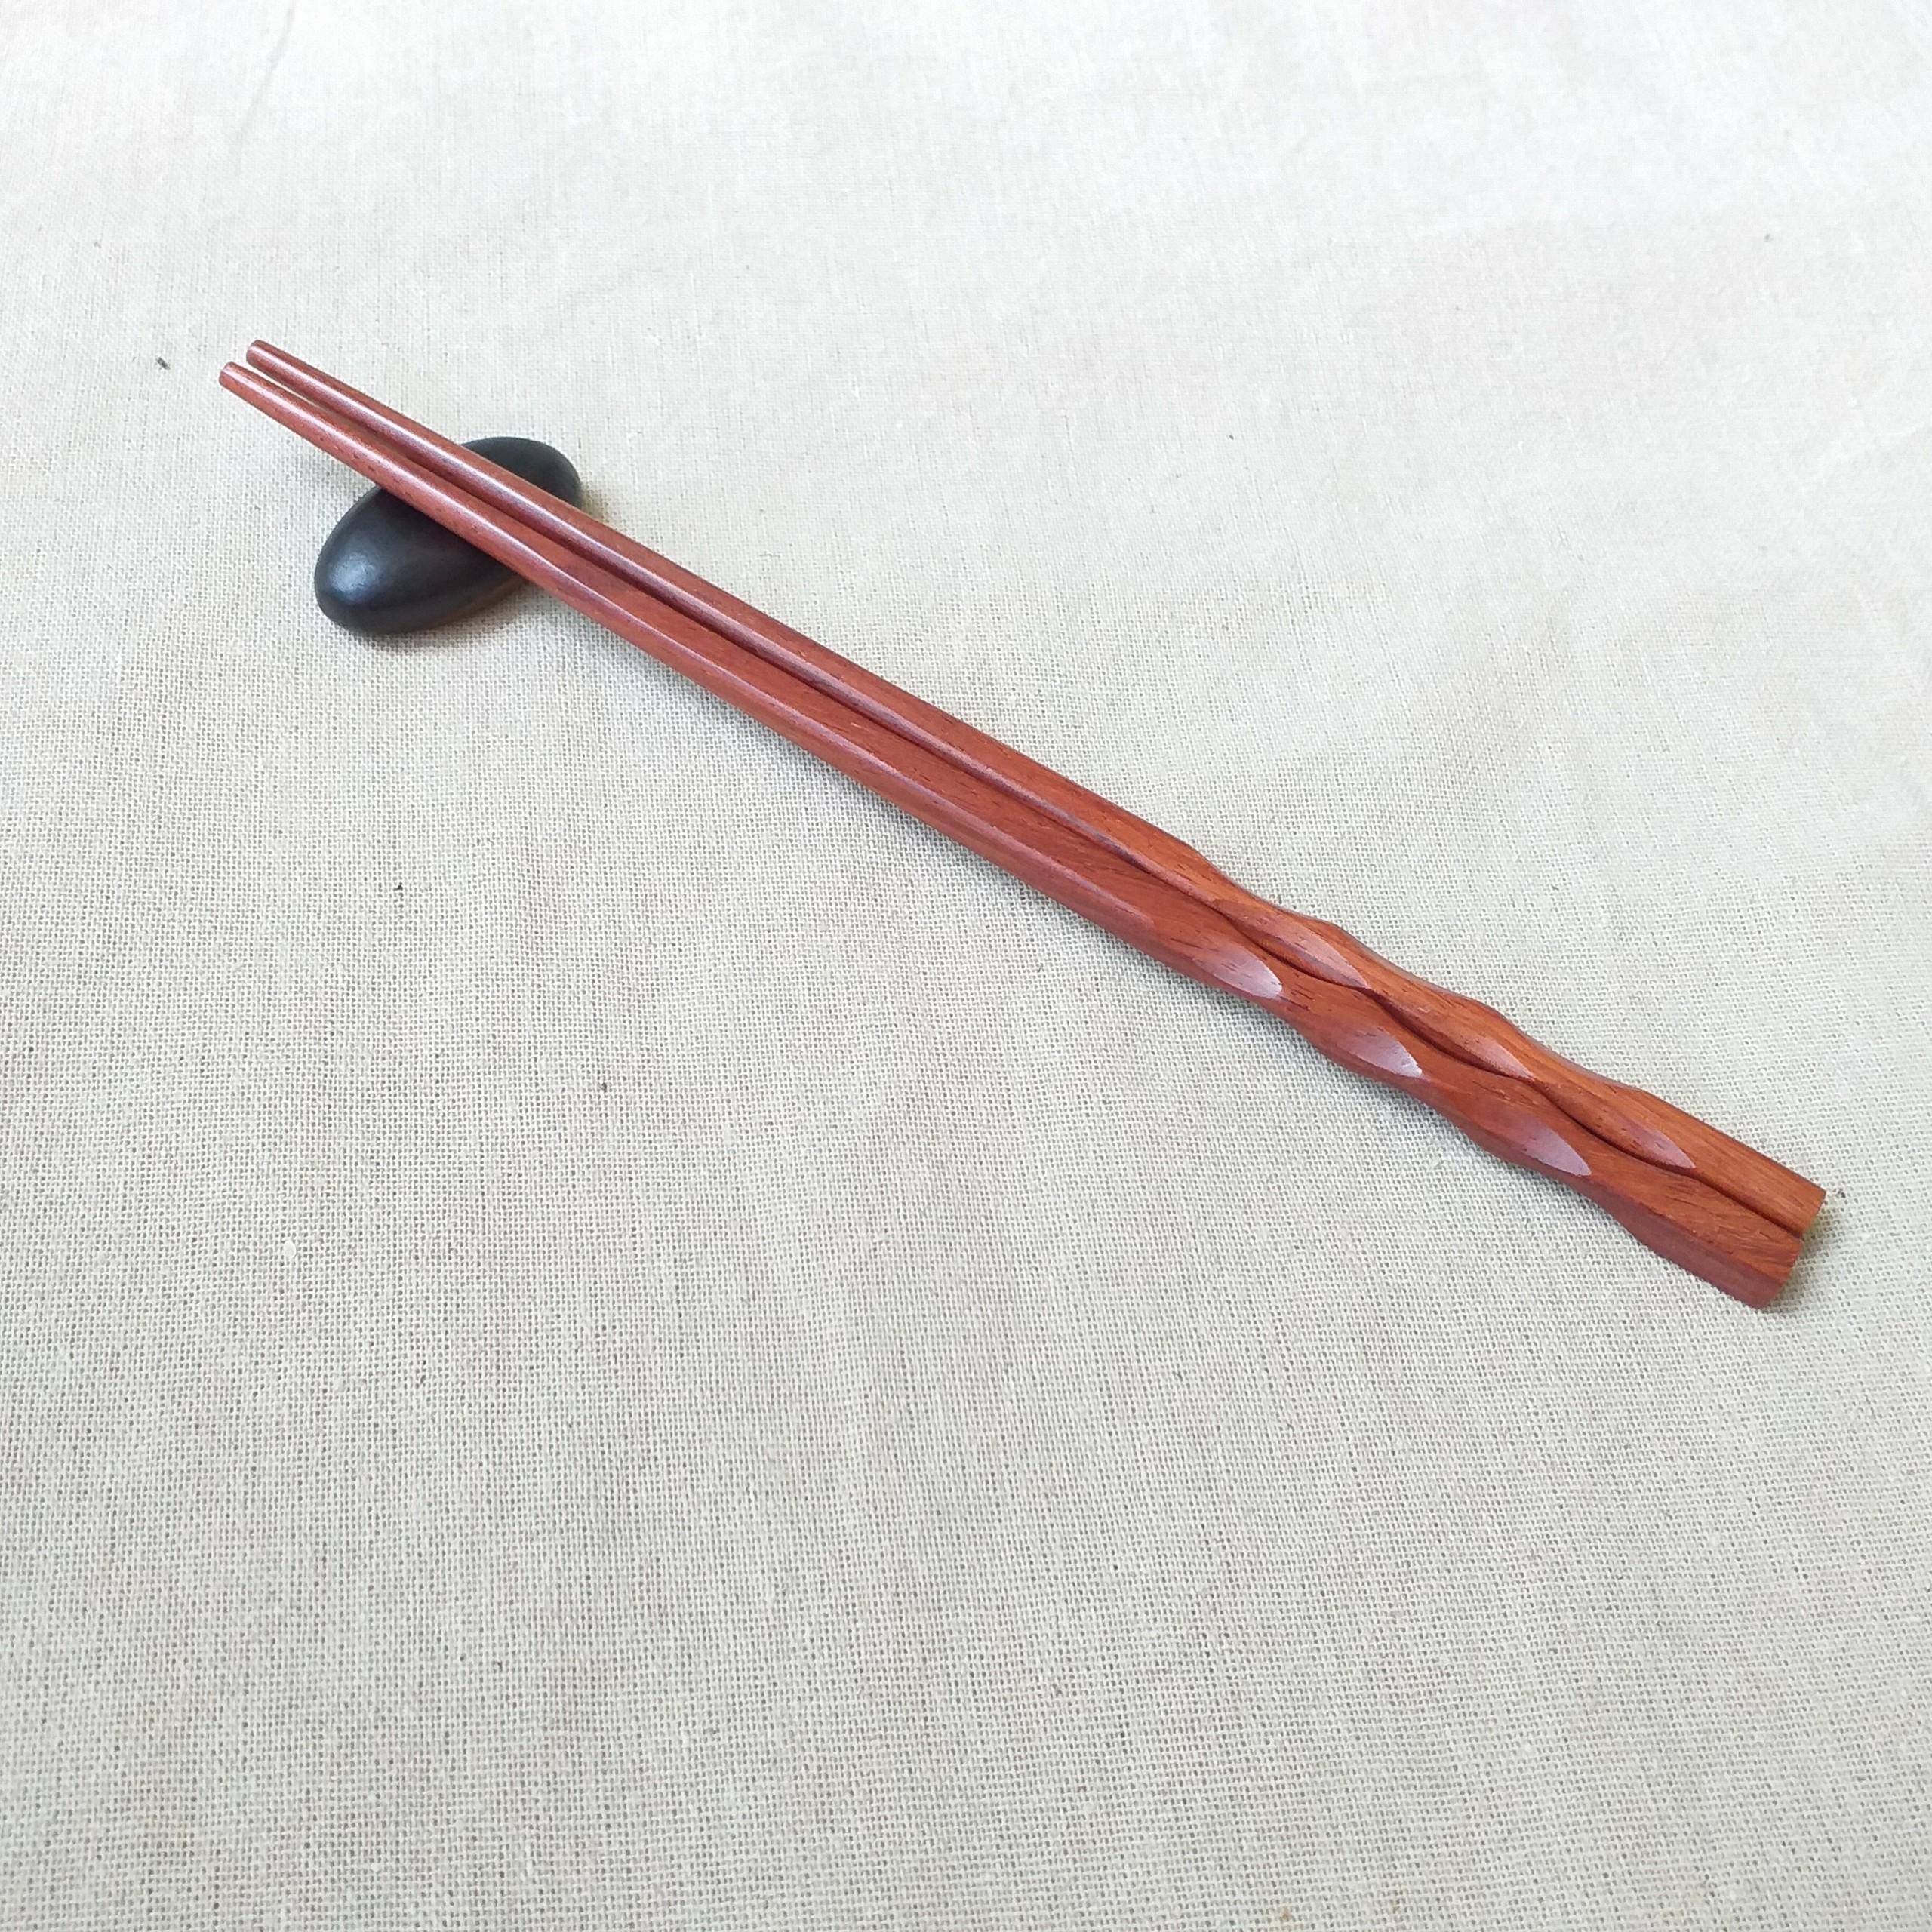 Đũa gỗ Cẩm vuông 24,5cm - Thân xoắn ốc( 5 đôi /Túi) - Đũa gỗ tự nhiên (D17)